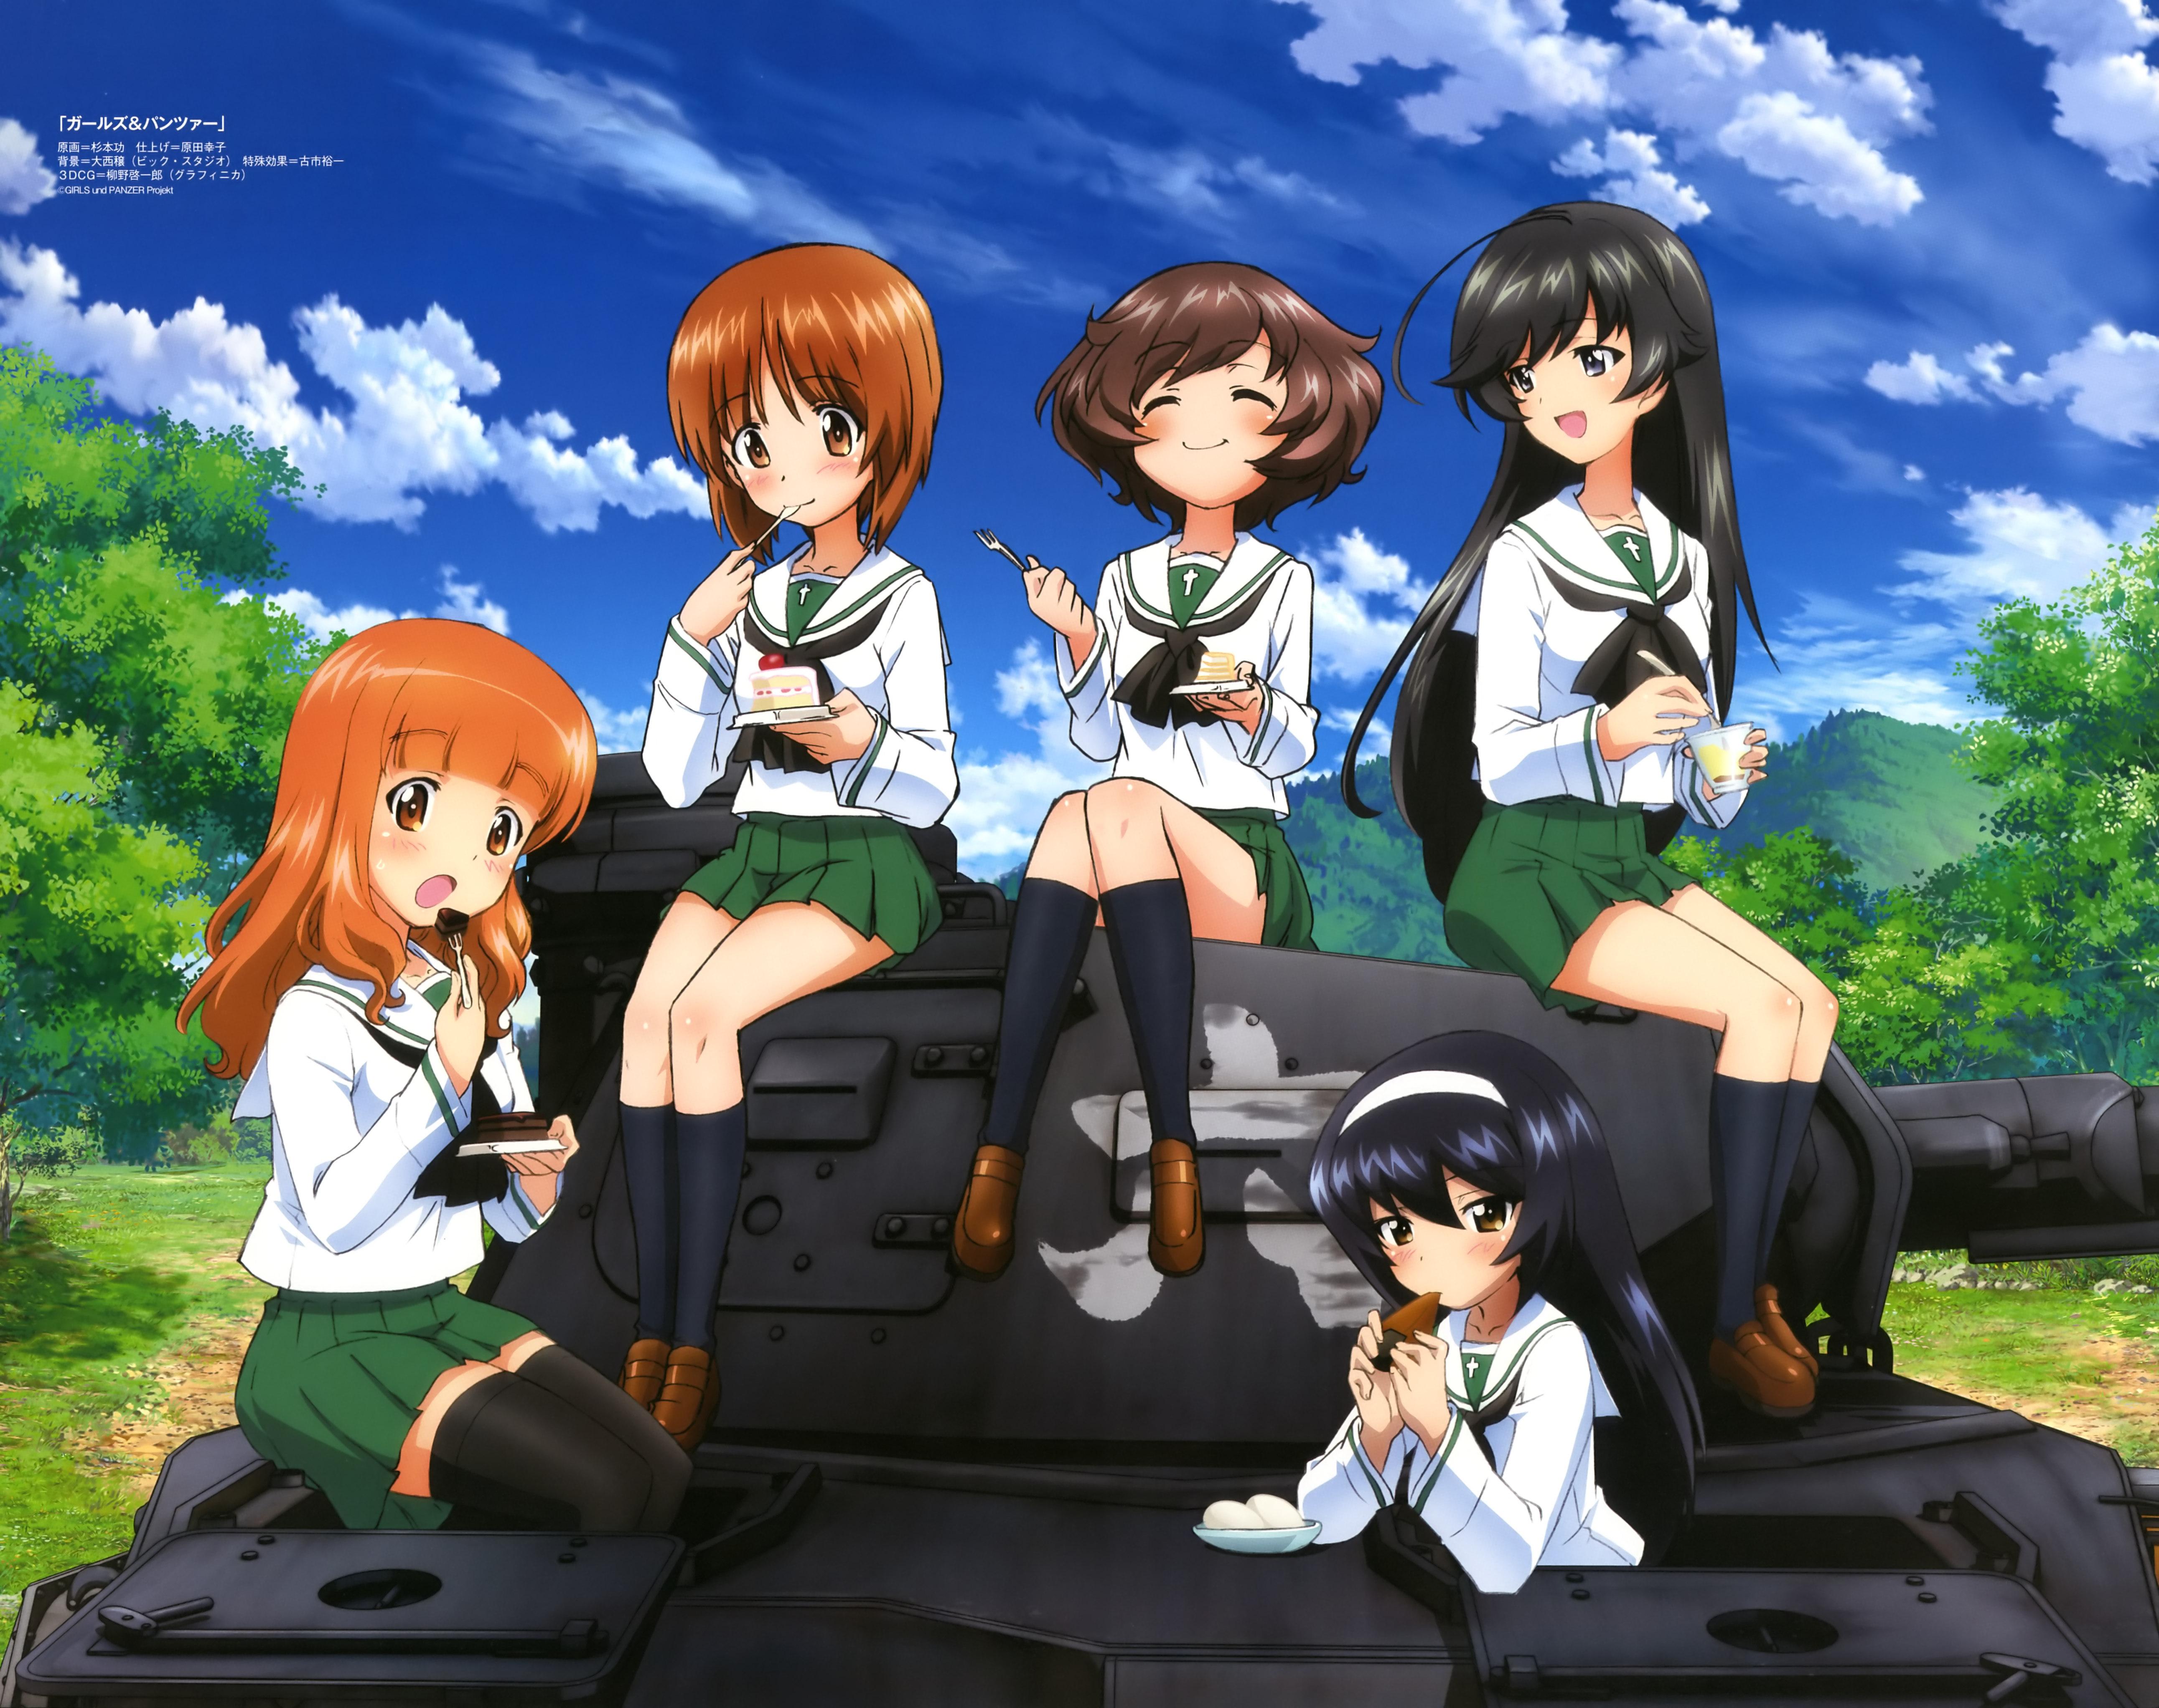 Girls Und Panzer Zerochan Anime Image Board